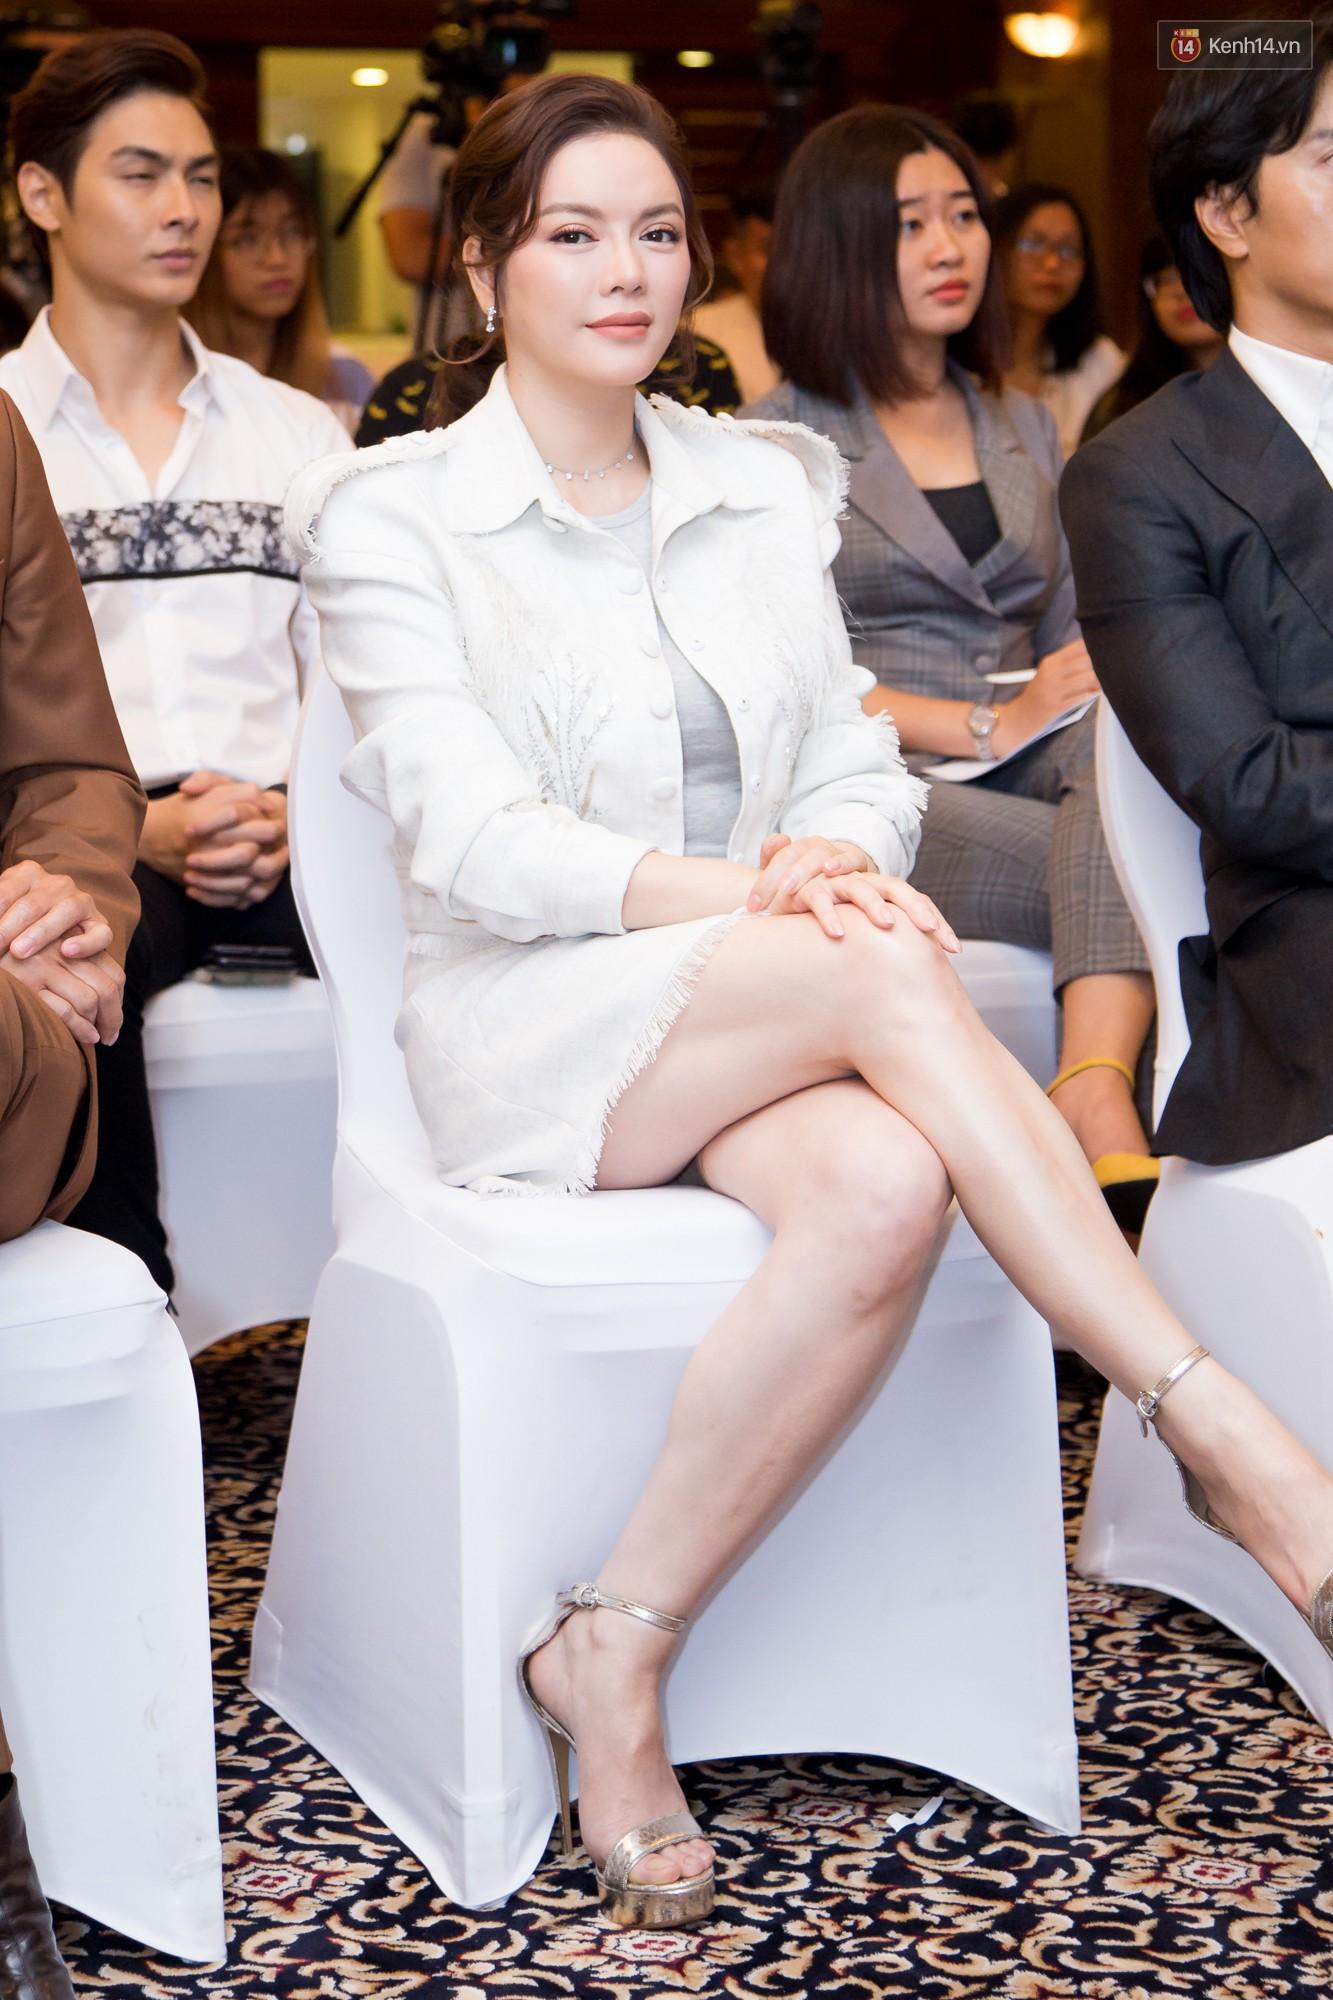 Tài tử Giày Thủy Tinh Han Jae Suk mặt lạnh như tiền ở buổi công bố dự án hợp tác cùng Lý Nhã Kỳ - Ảnh 6.